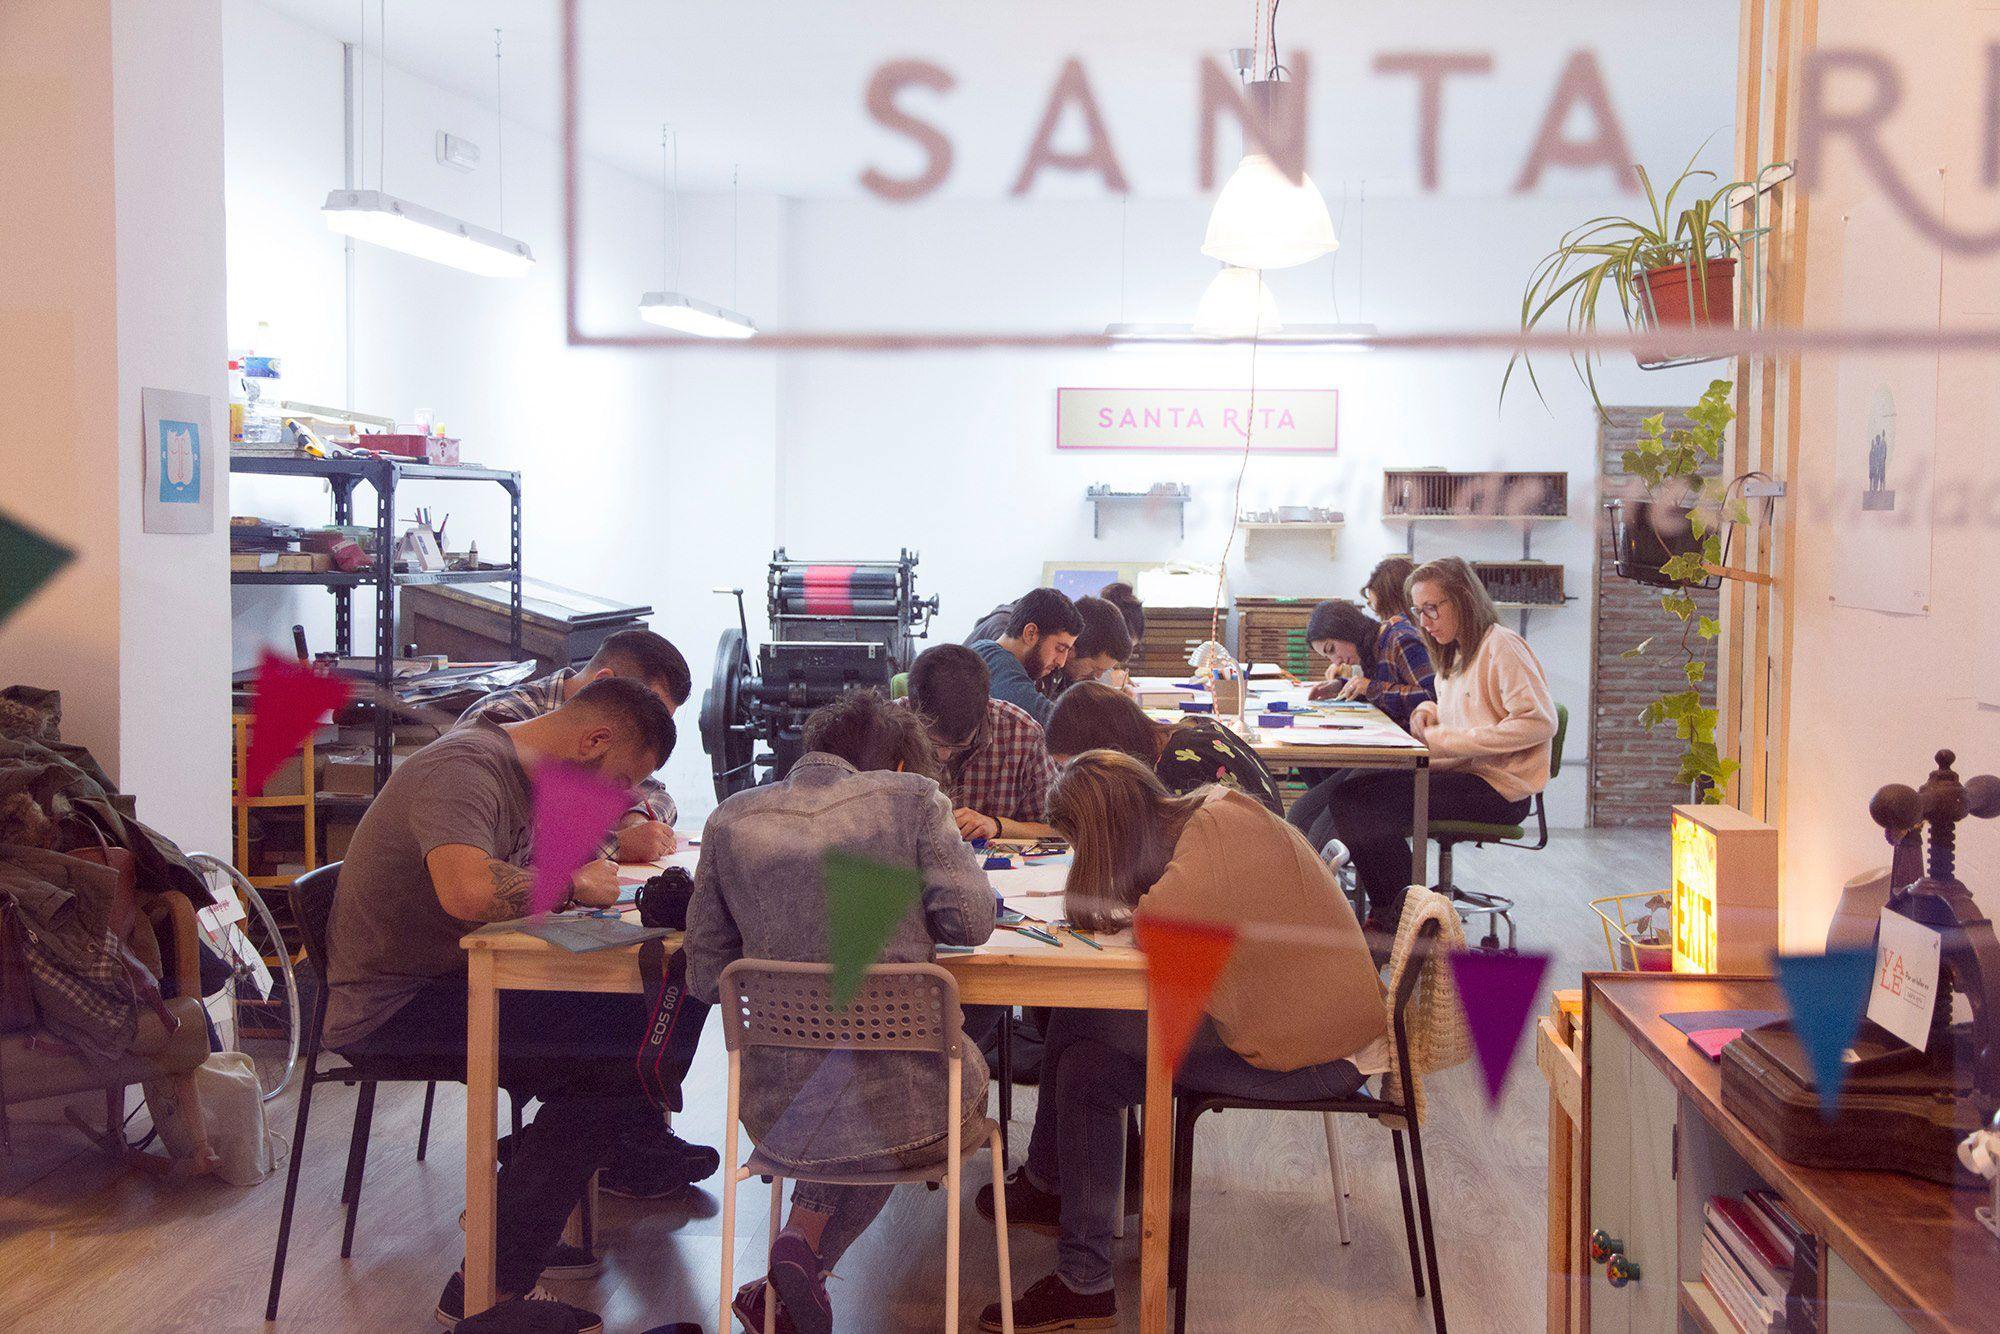 santarita1